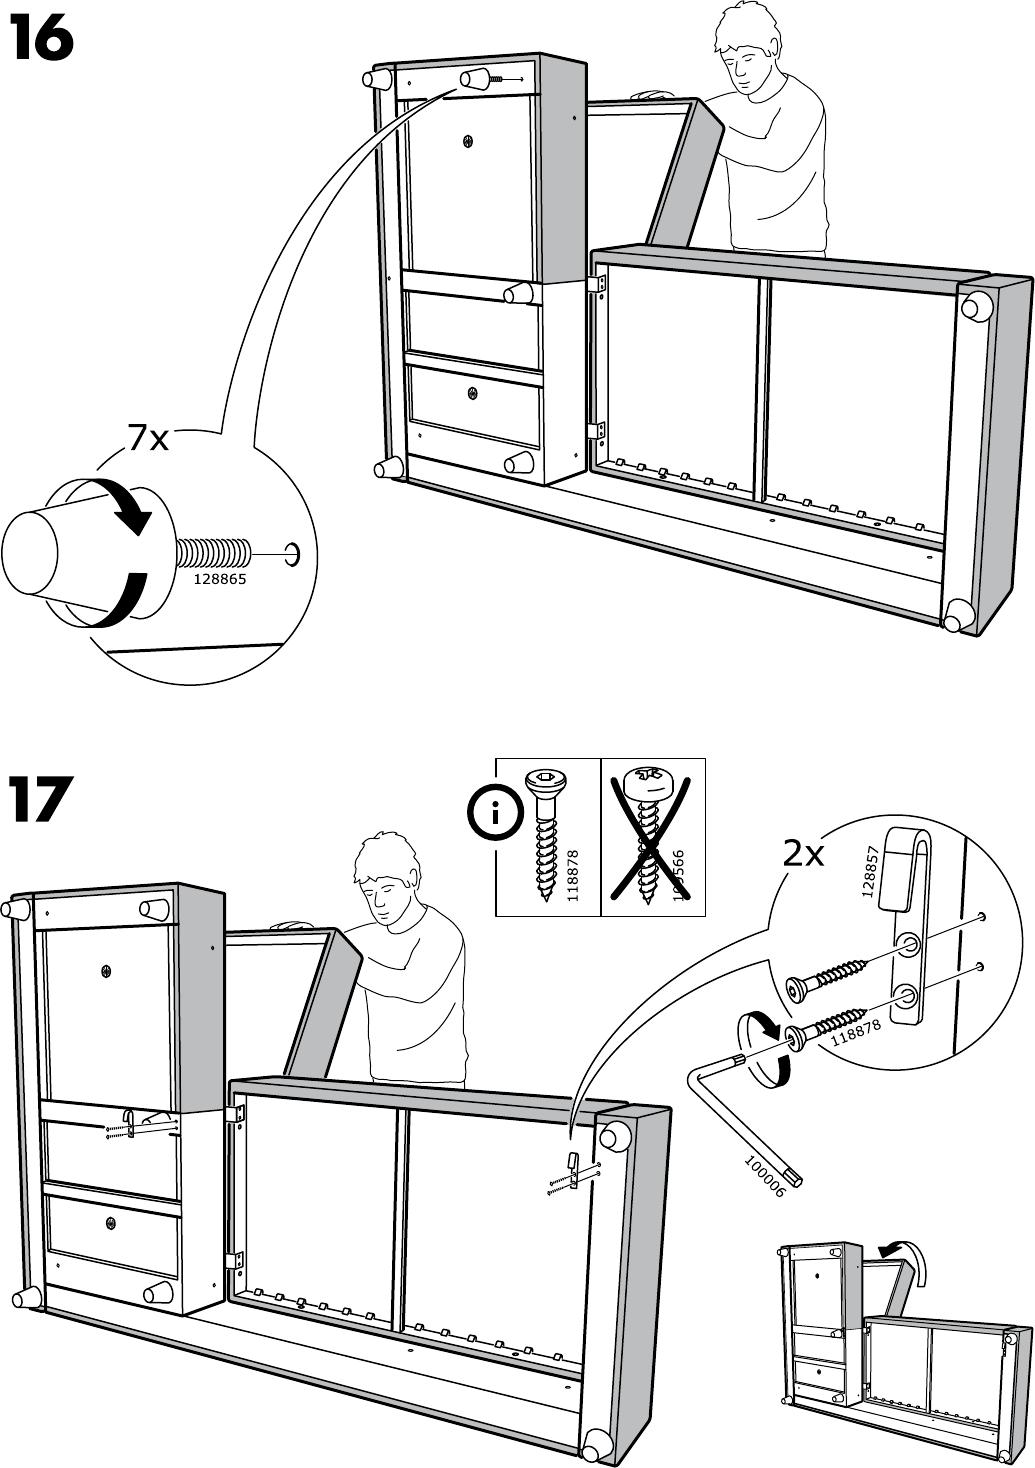 bedienungsanleitung ikea friheten seite 13 von 28 alle sprachen. Black Bedroom Furniture Sets. Home Design Ideas